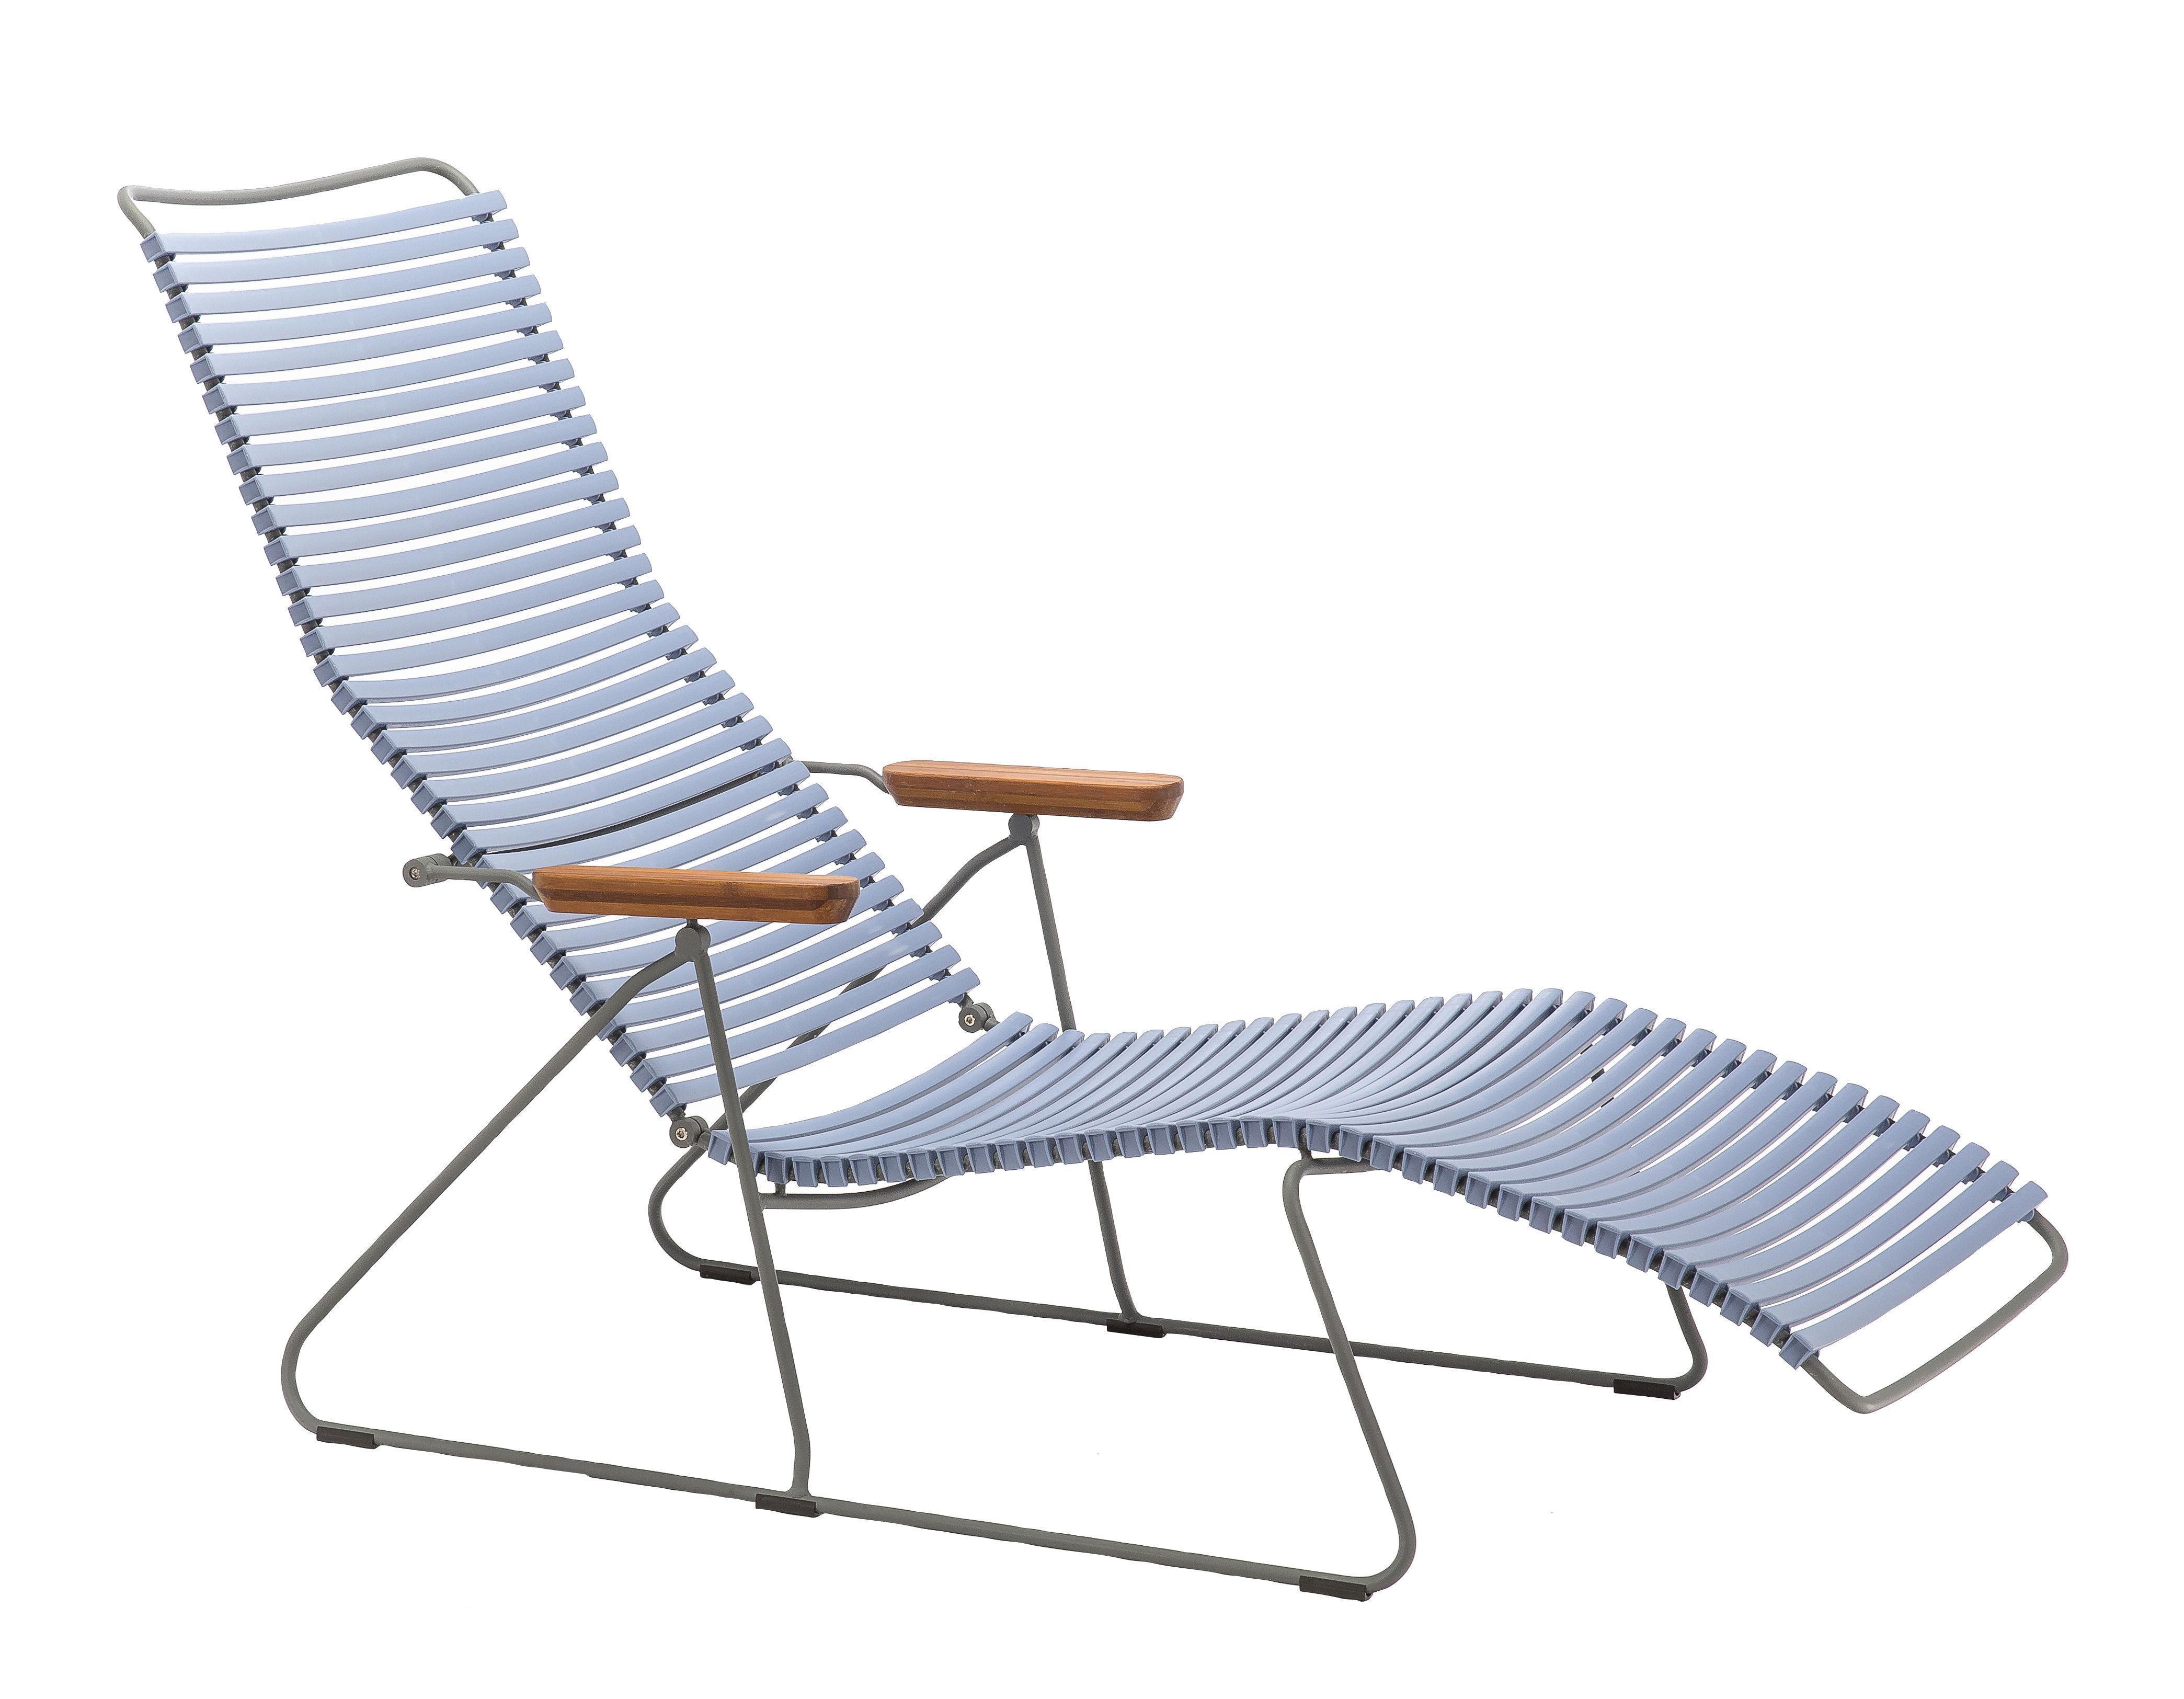 Outdoor - Chaises longues et hamacs - Chaise longue Click / Dossier multipositions - Houe - Bleu pigeon - Bambou, Métal, Plastique